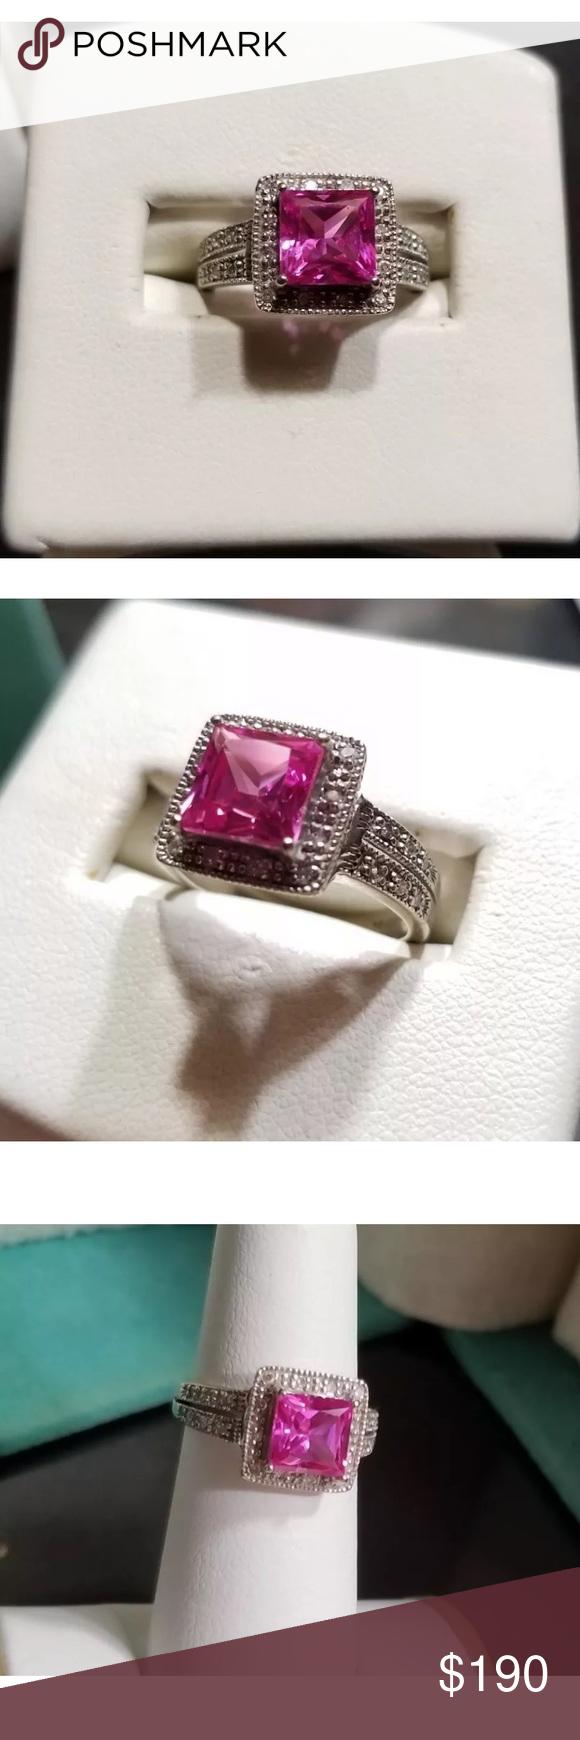 10k Clyde Duneier Cid Pink Sapphire Ring 10k Pink Sapphire Ring Womens Jewelry Rings Pink Sapphire